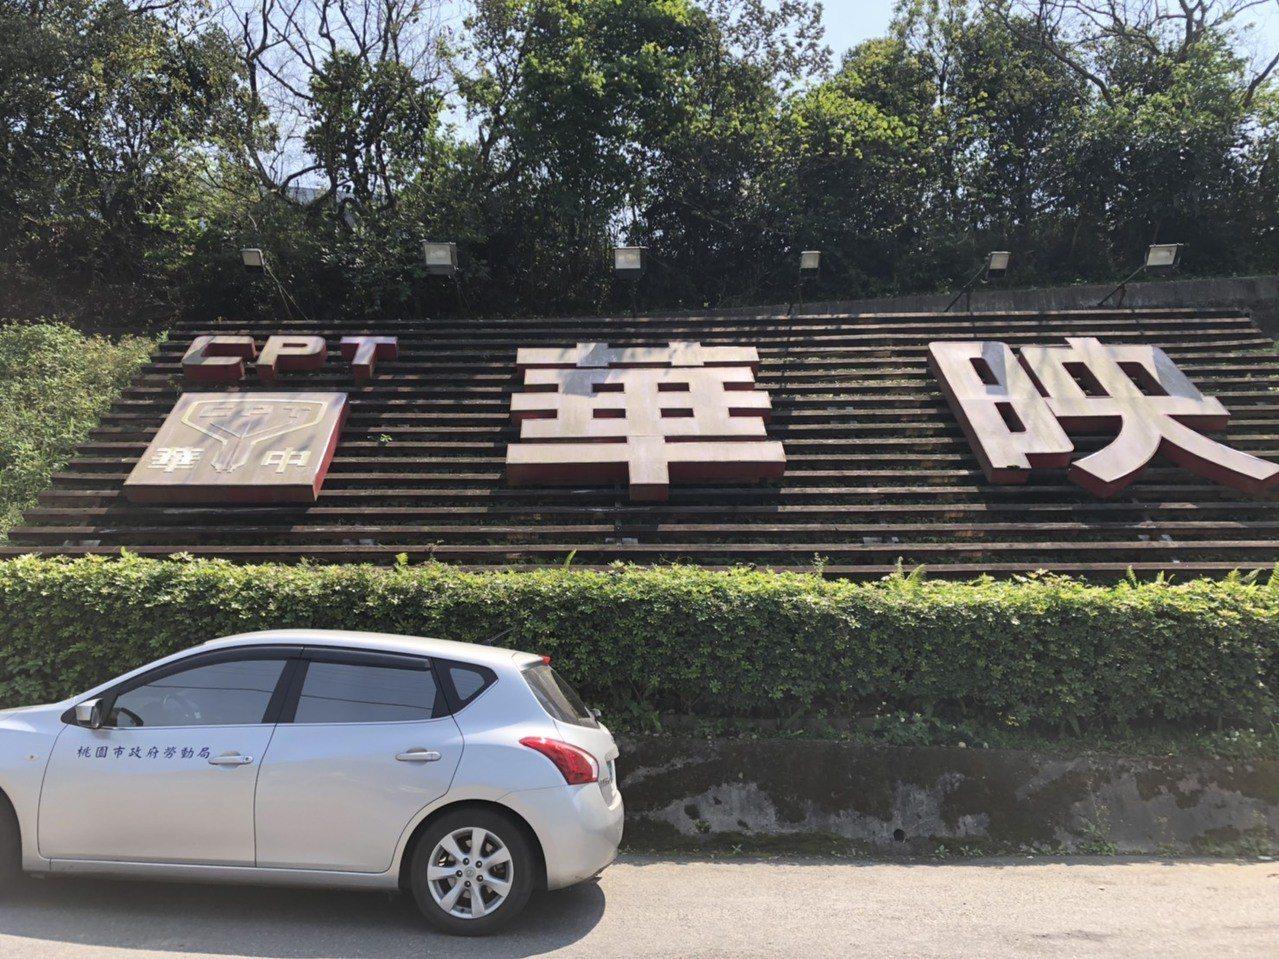 面板廠中華映管股份有限公司因財務重整,向桃園市勞動局提報大量解僱計畫書,預計將於...